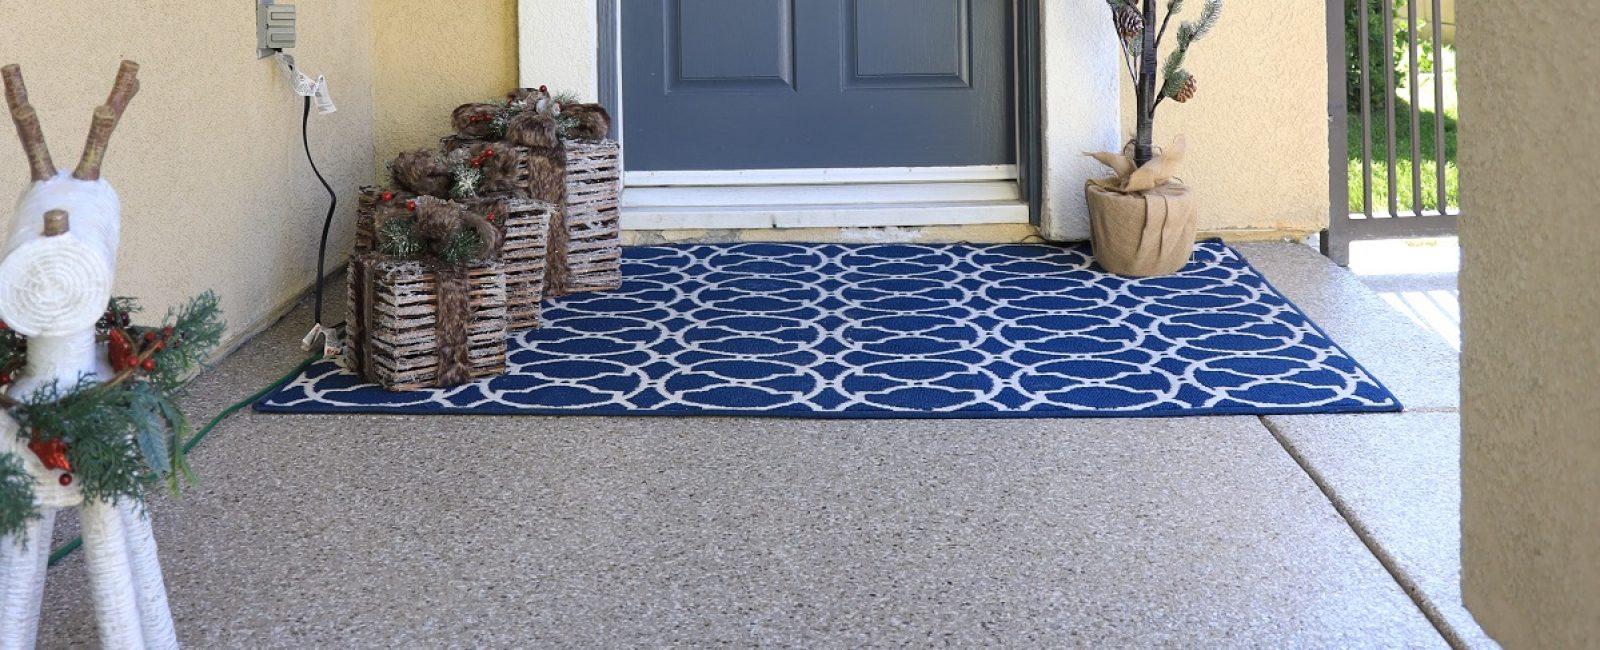 polyurea coated walkway